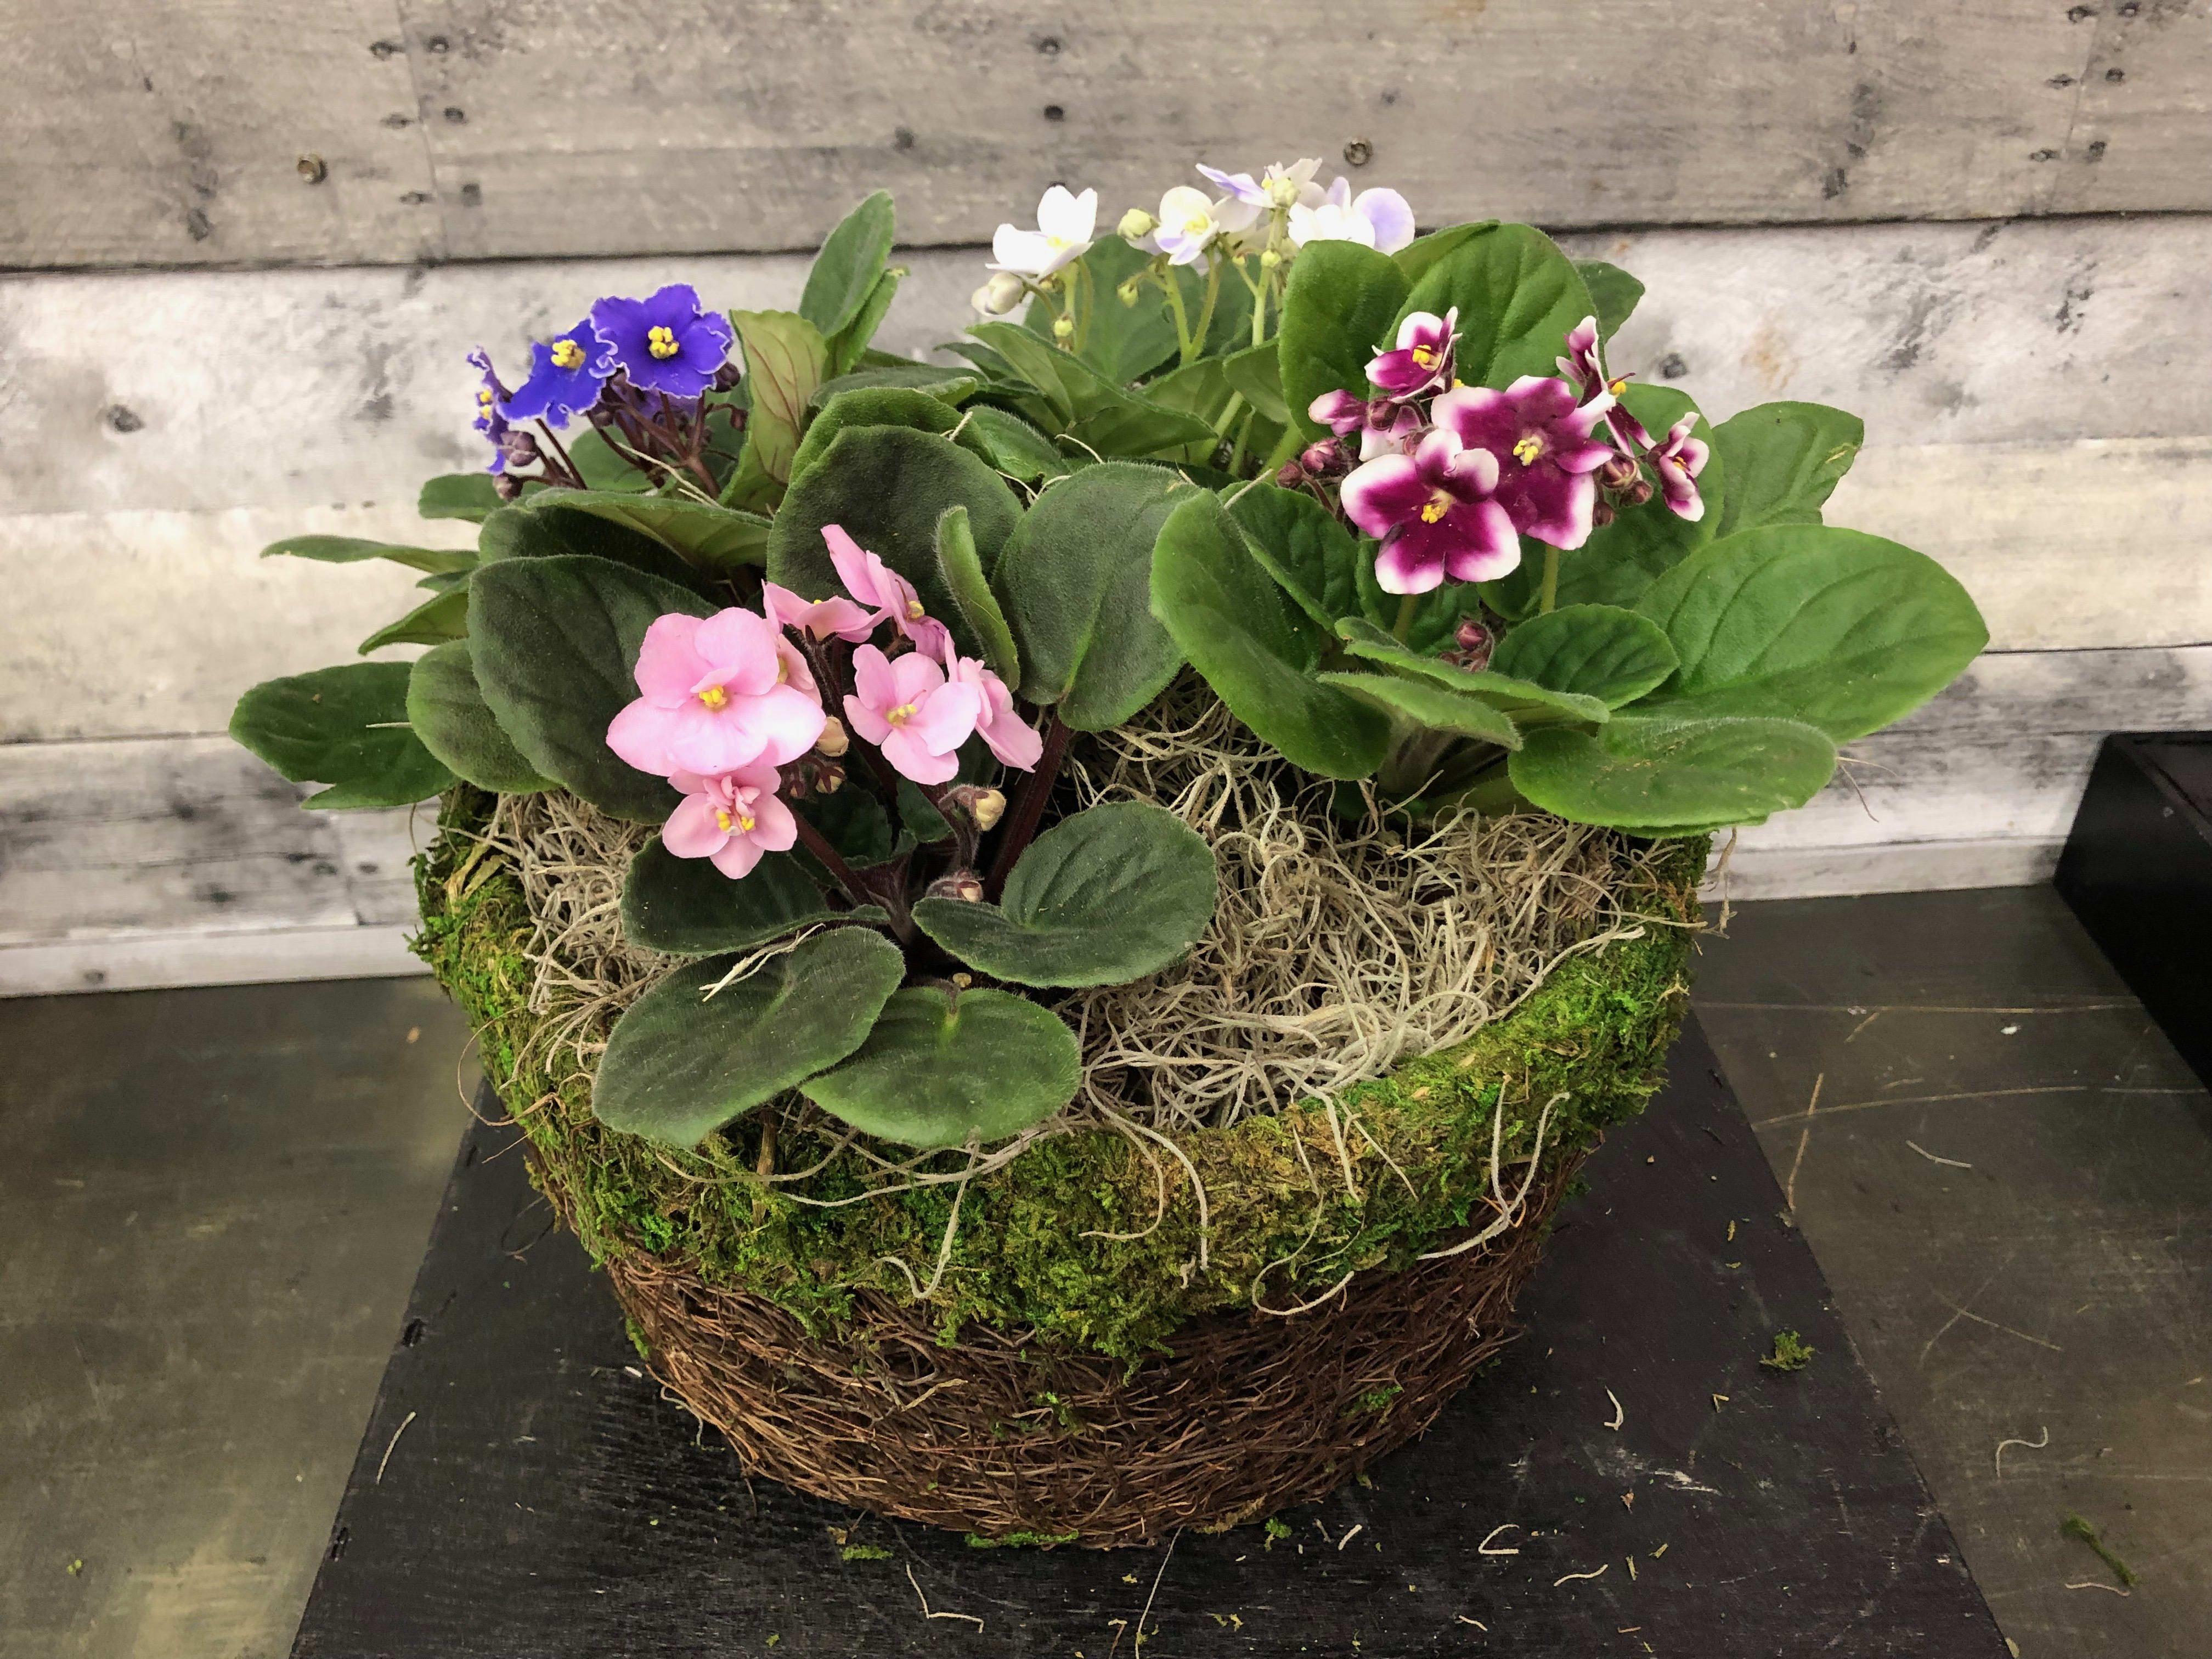 African Violet Basket in McLean, VA Flowers & Plants